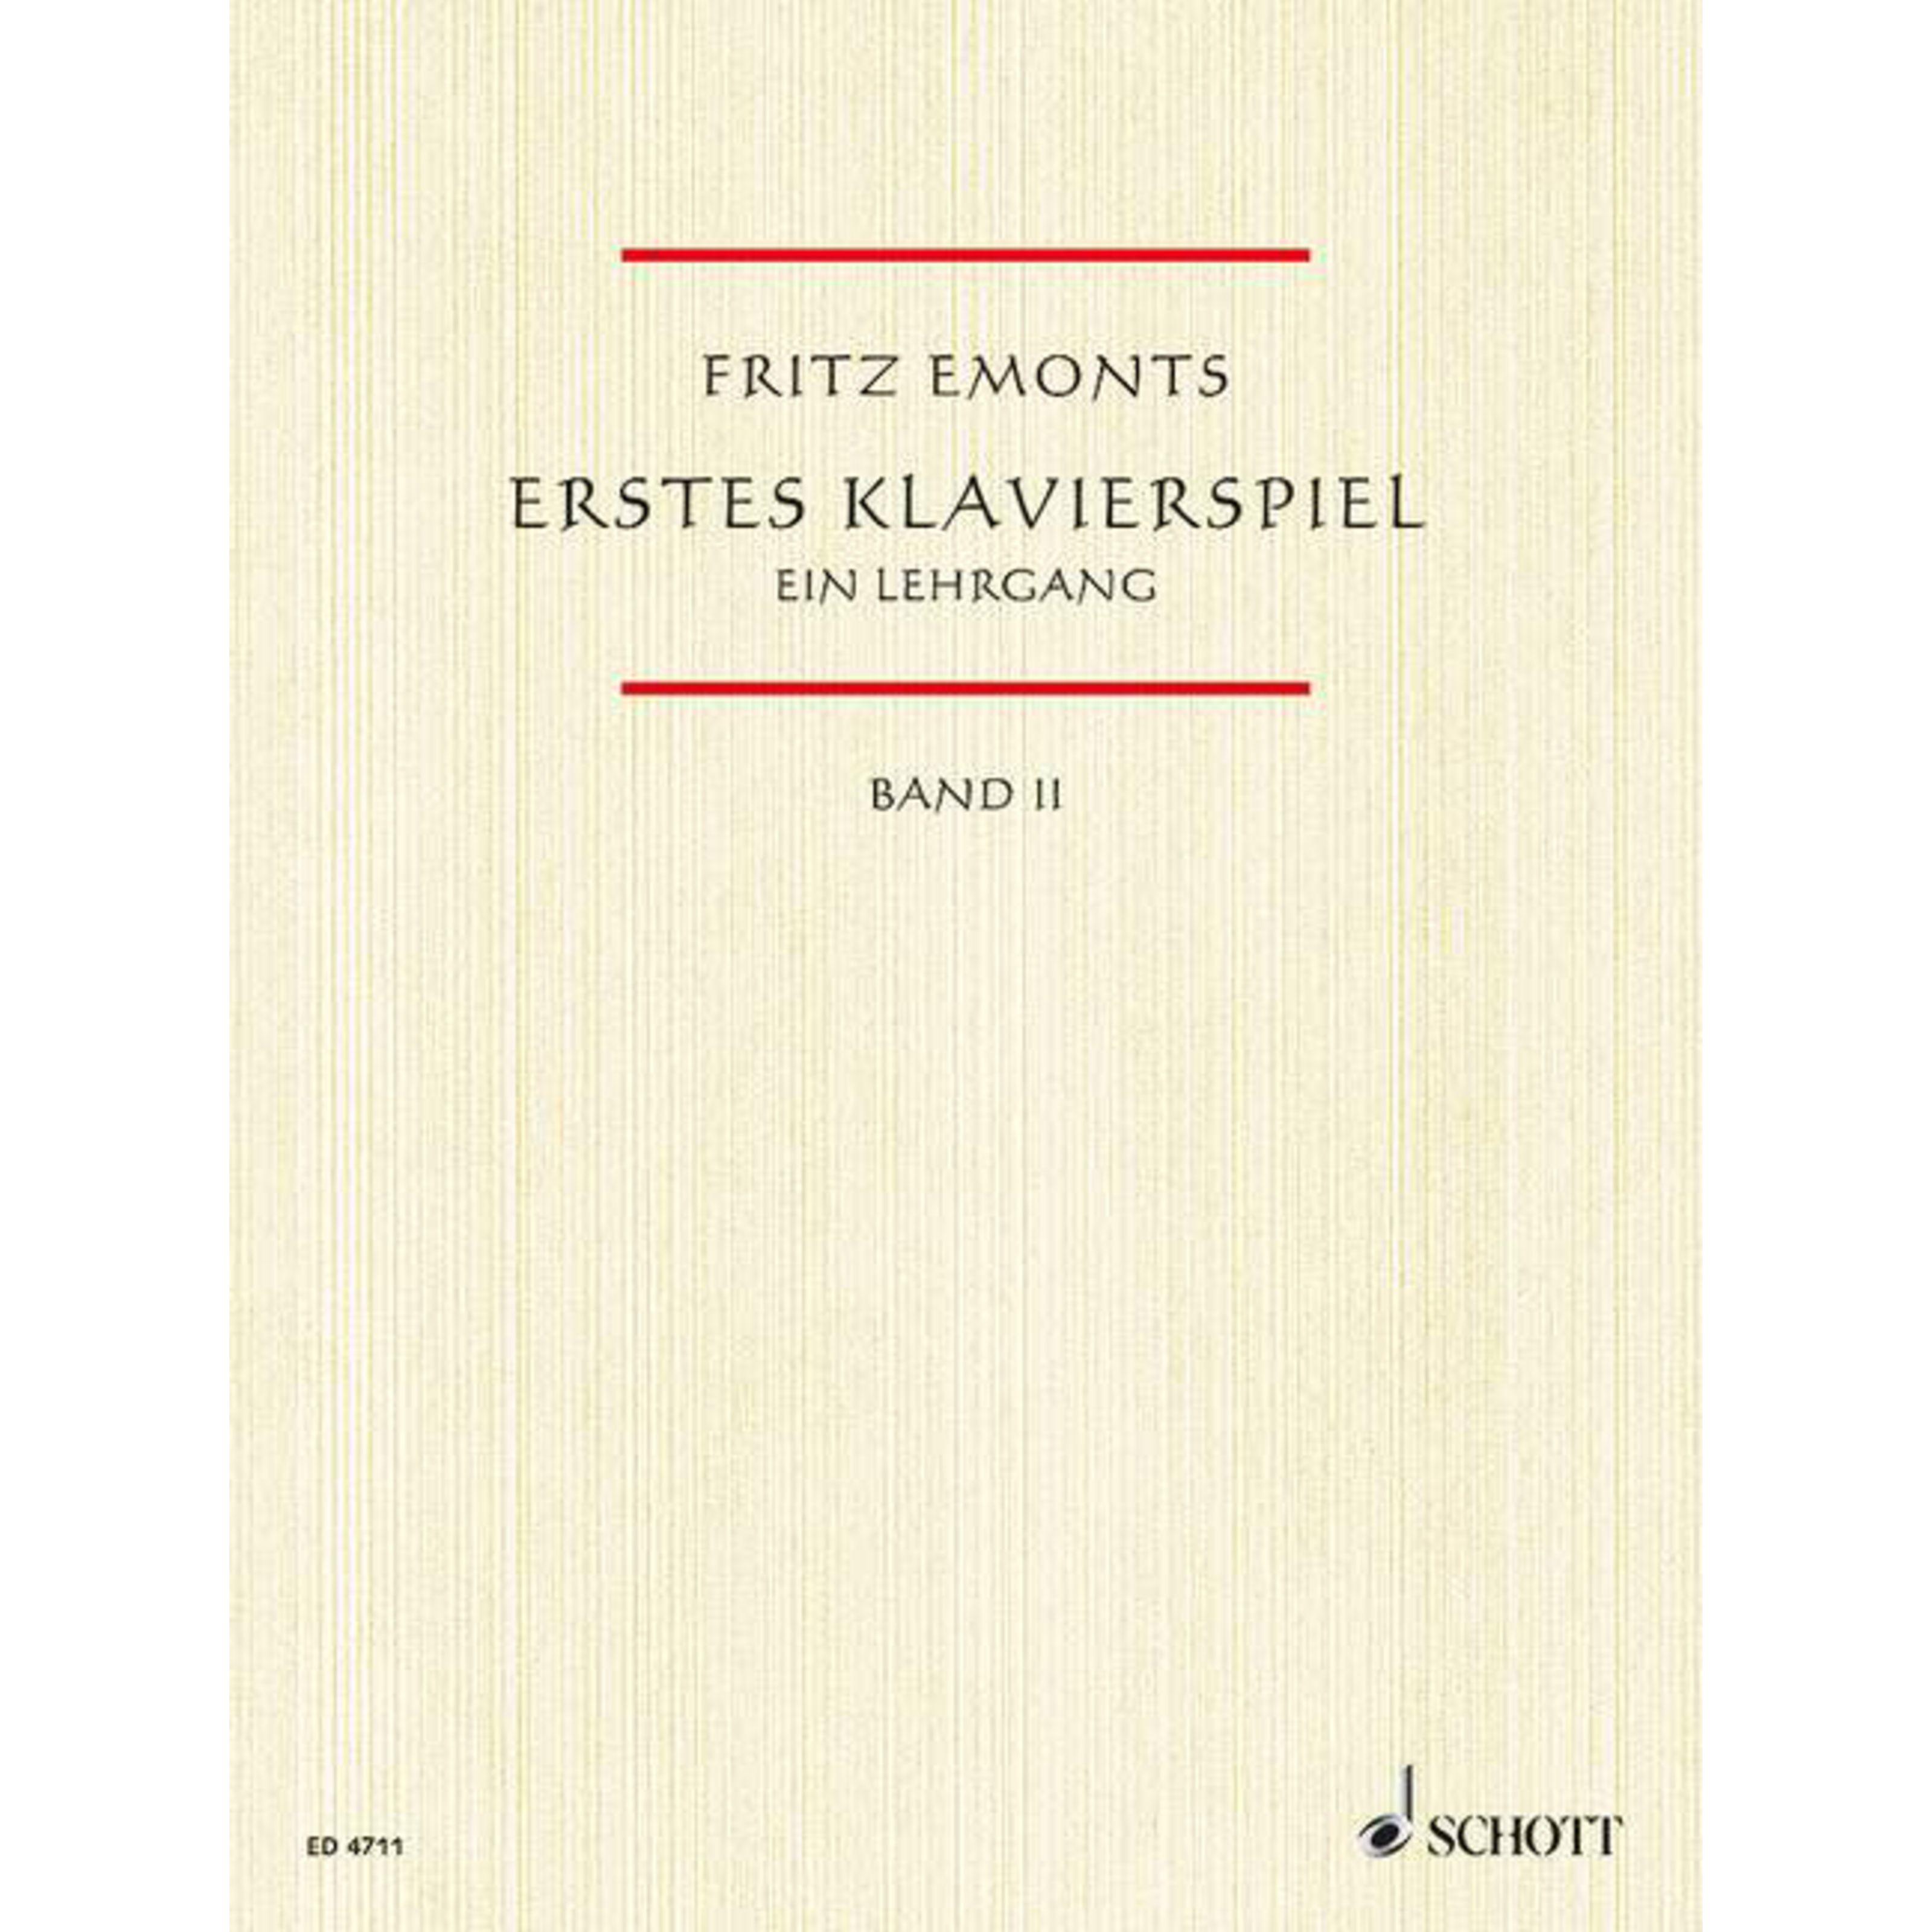 Schott Music - Erstes Klavierspiel 2 Fritz Emonts ED 4711